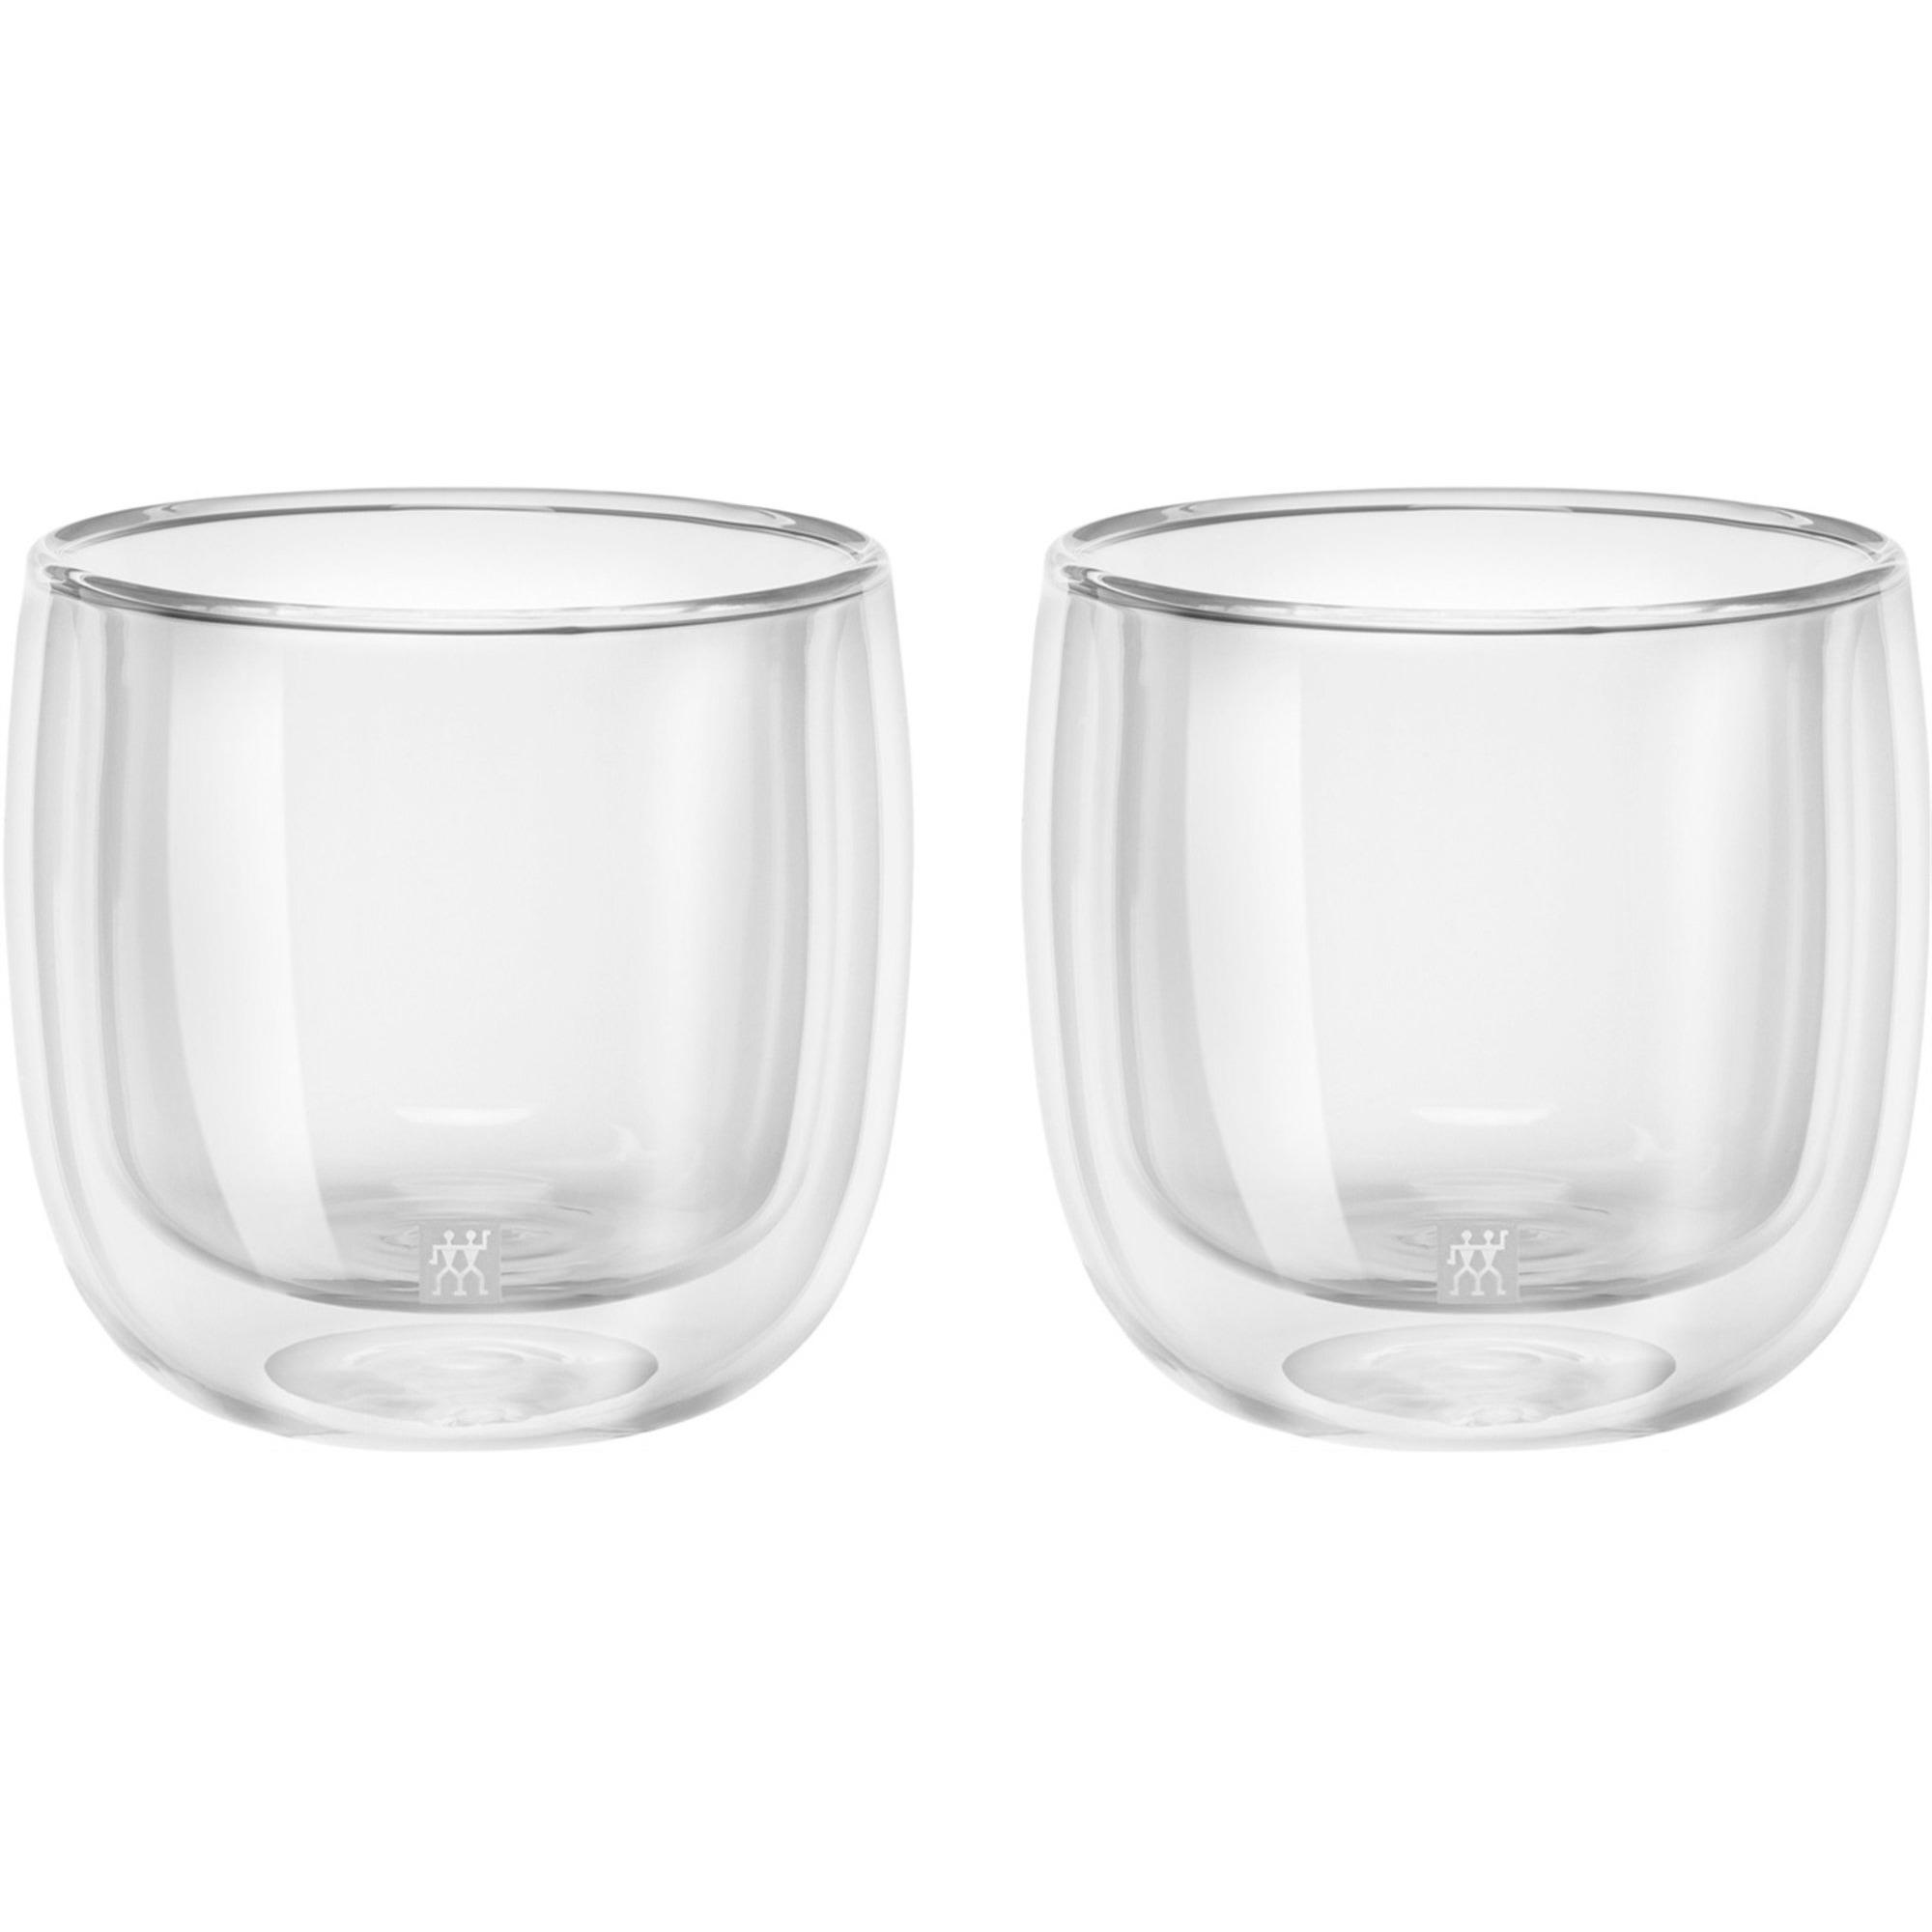 Zwilling Sorrento Teglas 2- pack 240 ml